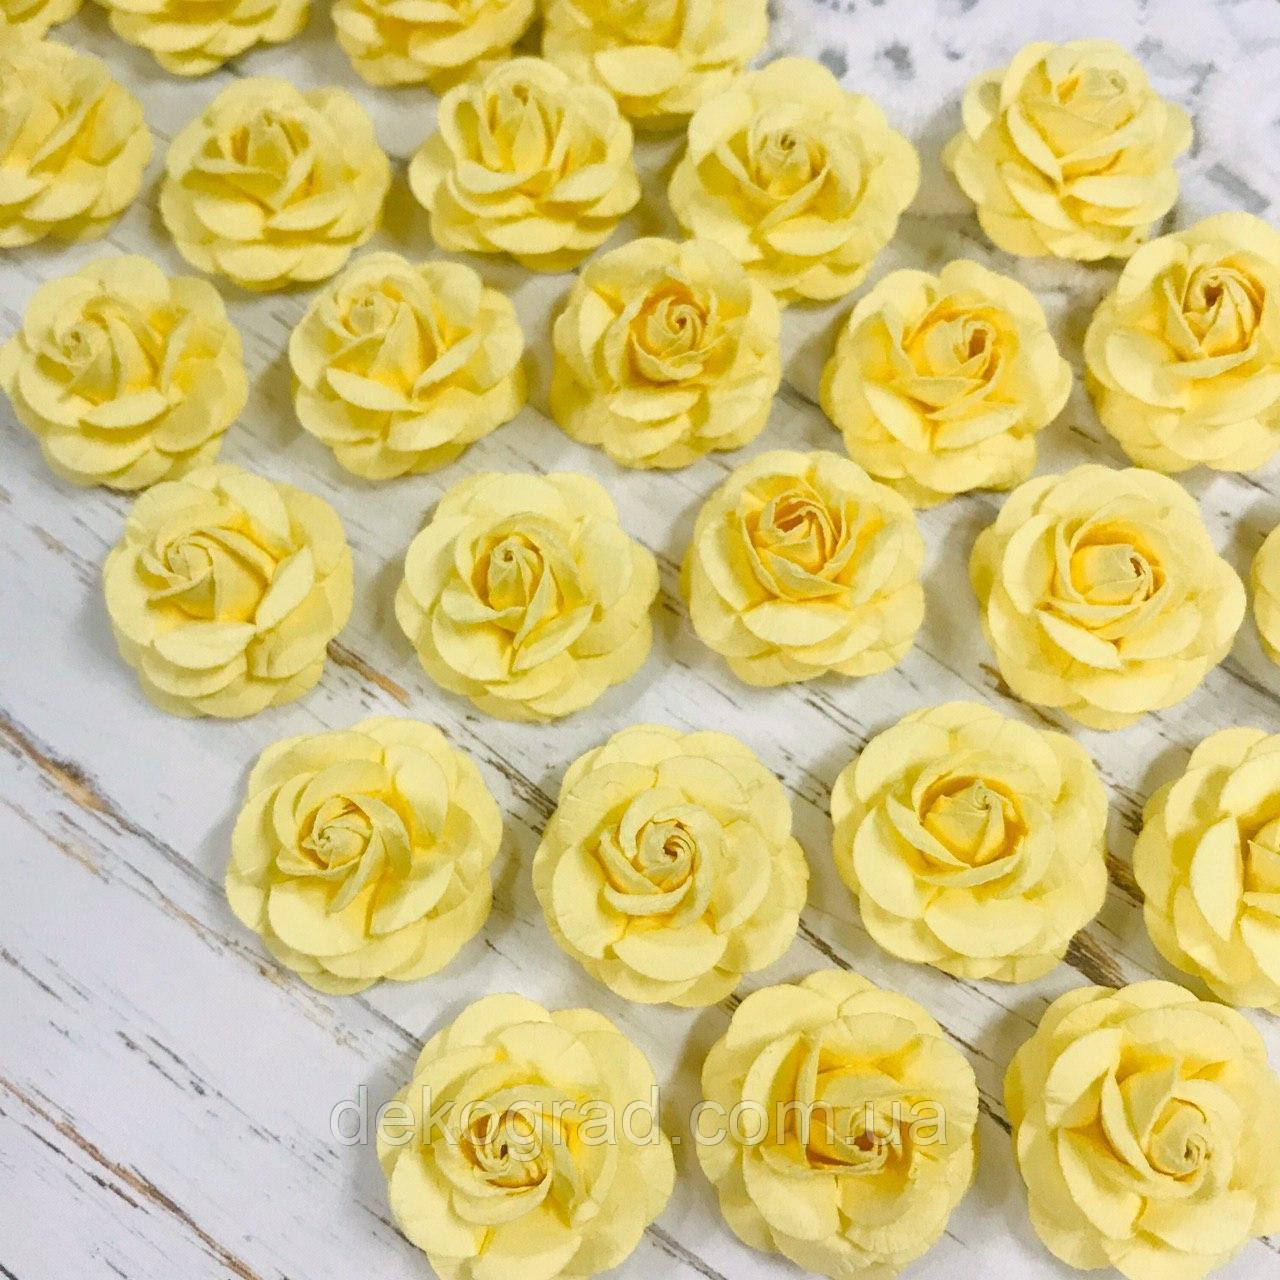 Роза нежно-жёлтая ДГ